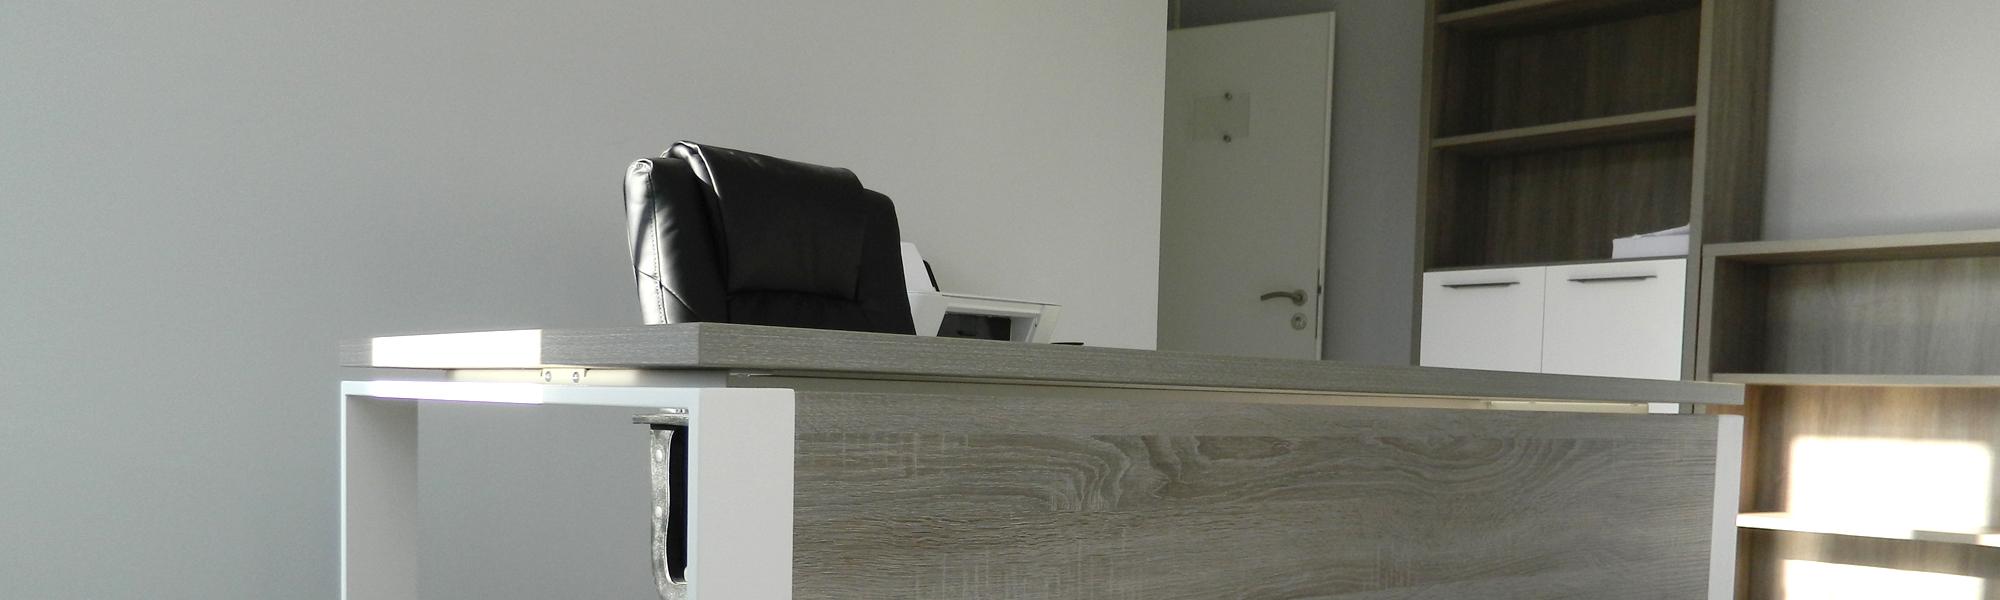 Nos centres d'affaires Luxembourg Gare Bureau n°3 du 68 rue de Strasbourg